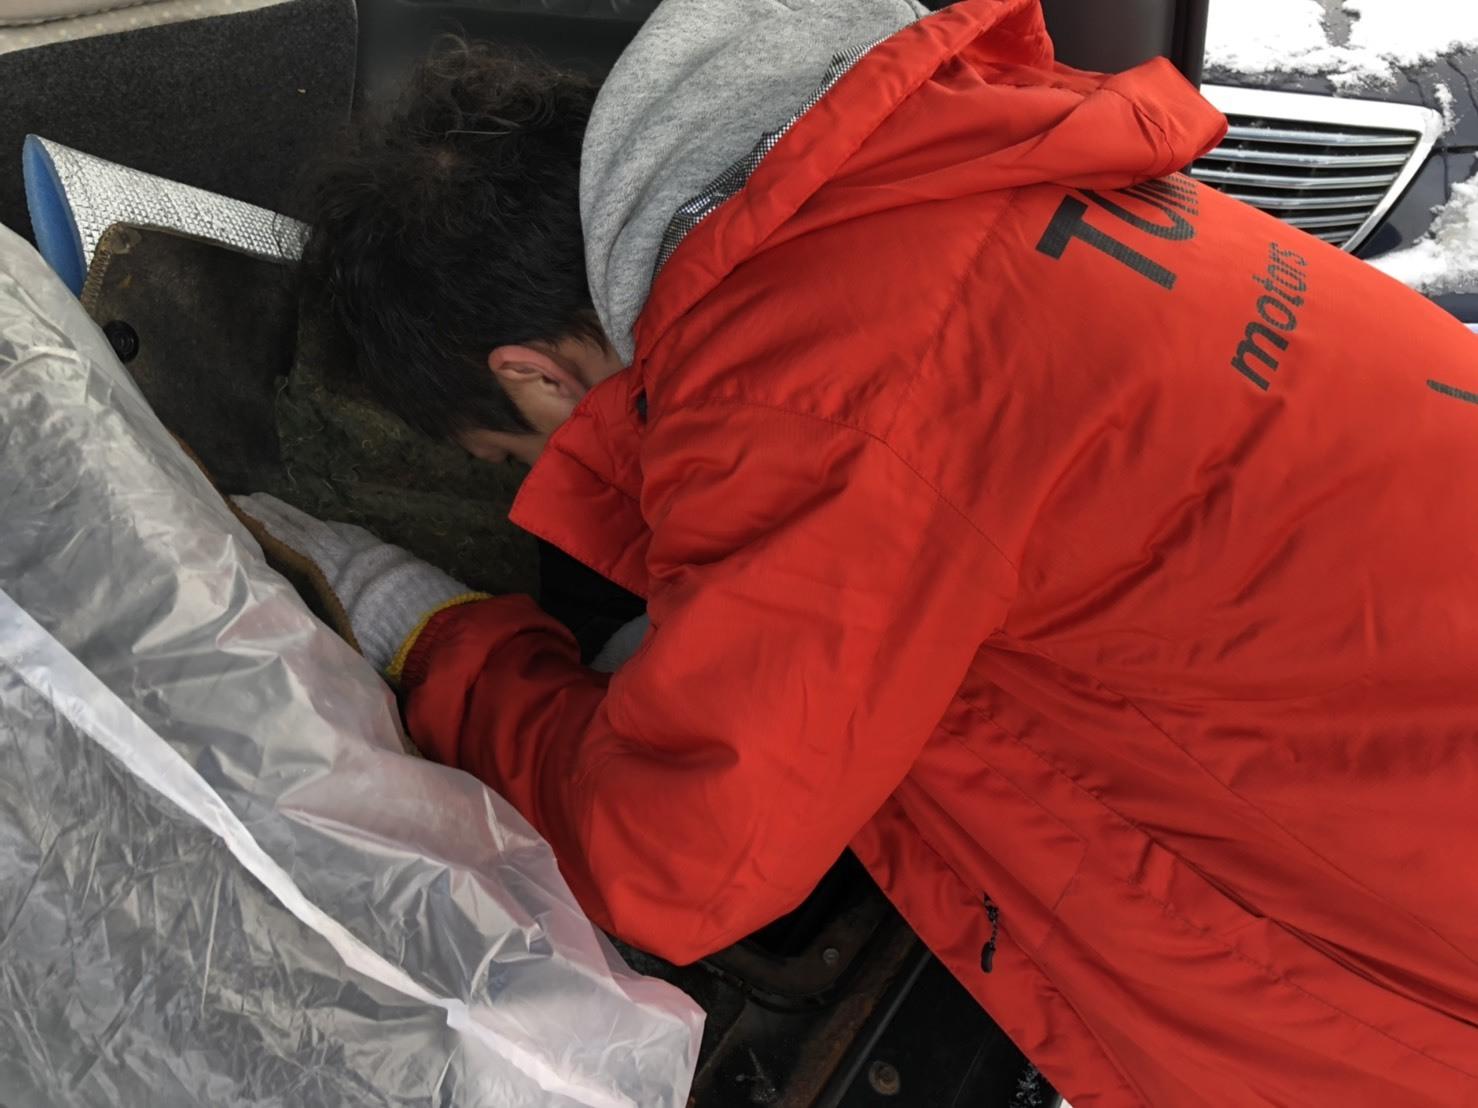 2/13(水)本店ブログ♪ タントカスタムRS 26000キロ♡ブラック♡ あります!! ランクル ハマー アルファード_b0127002_19281839.jpg